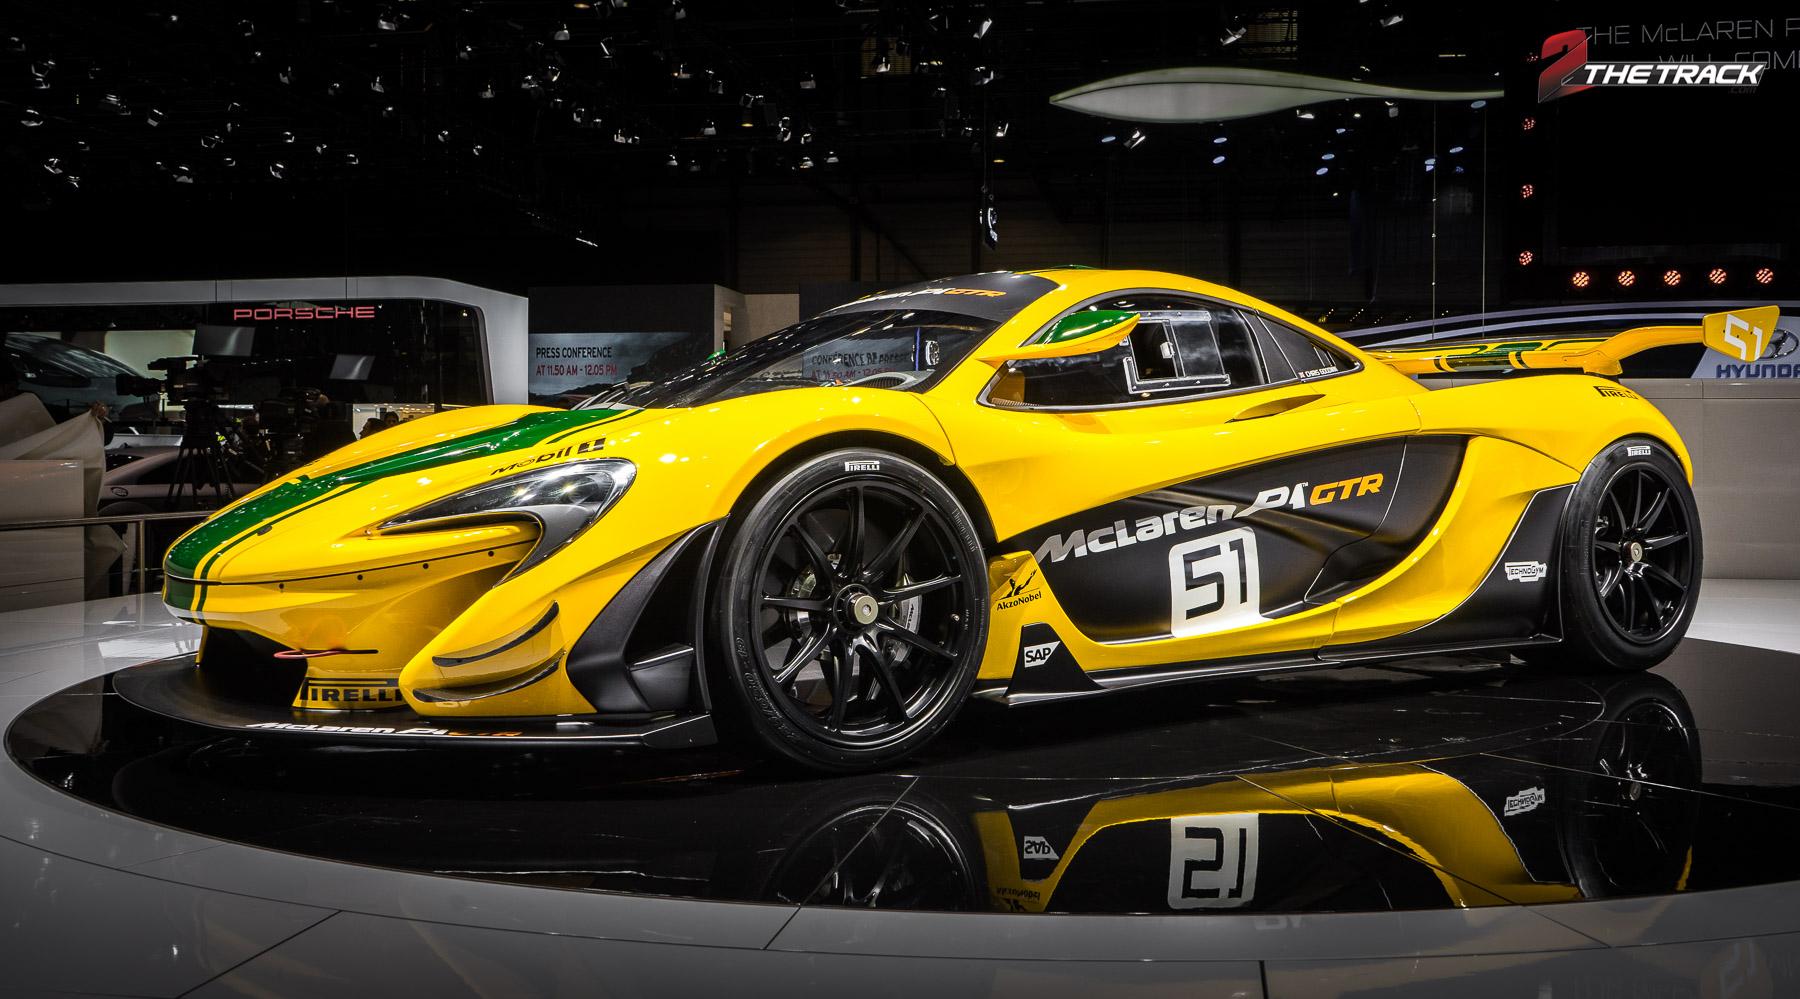 Publieksdebuut McLaren P1 GTR